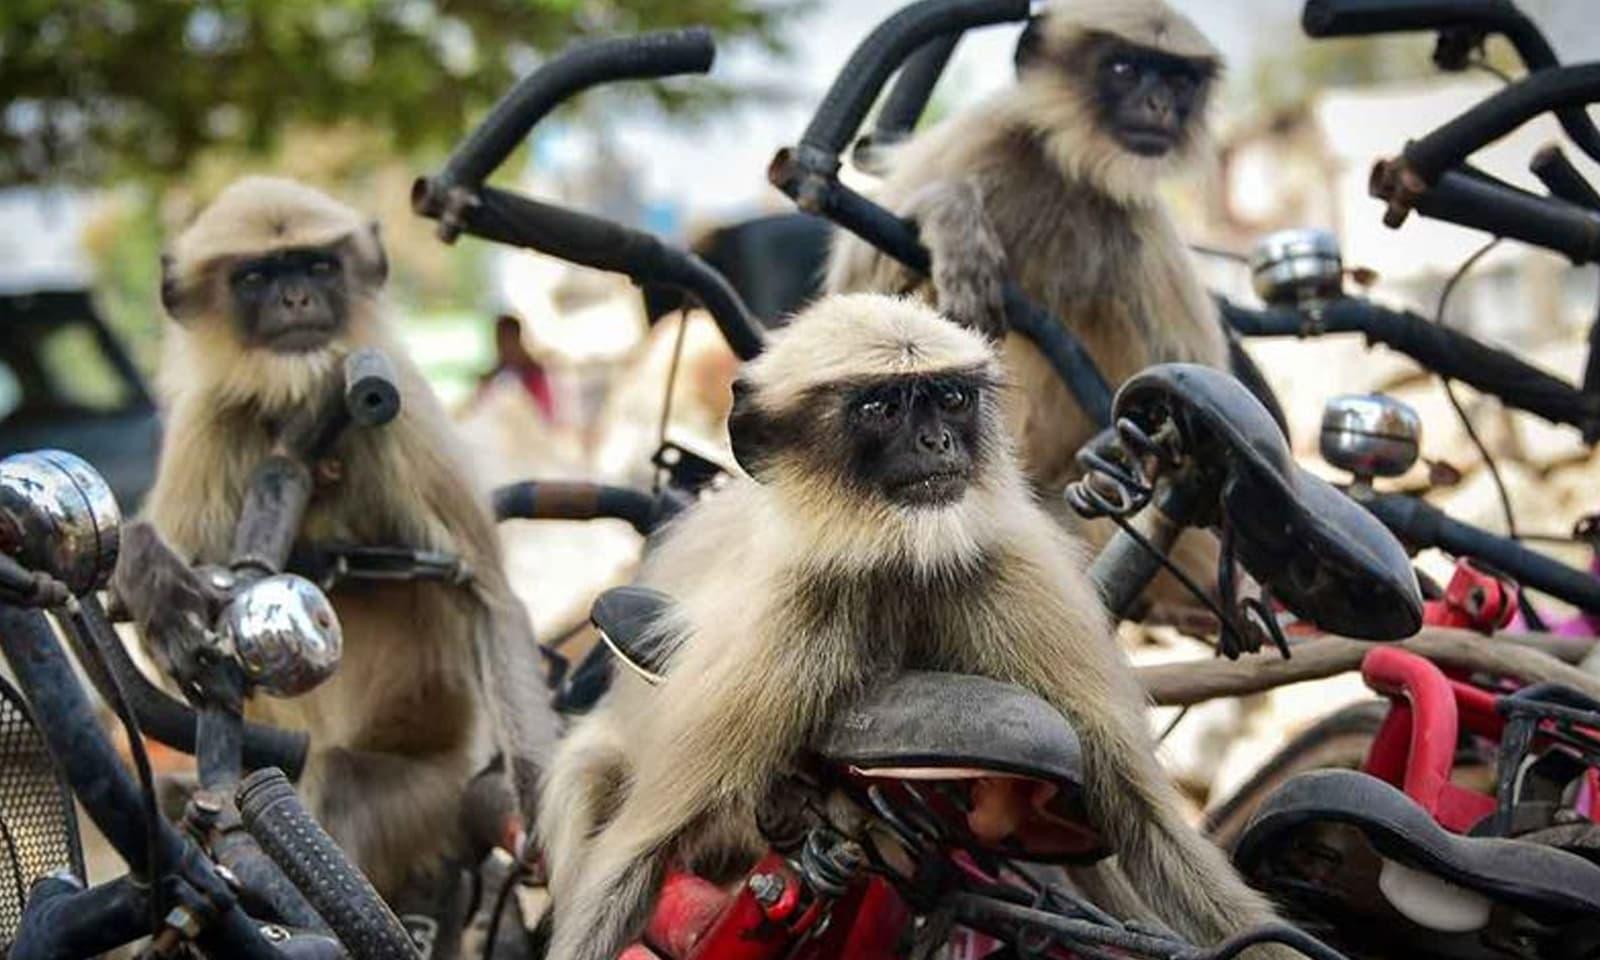 یہ بندر سائیکل ریس میں شاید  حصہ لیں گے—فوٹو:ییوہن سموچینکو /کامیڈی وائلڈ لائف فوٹوگرافی